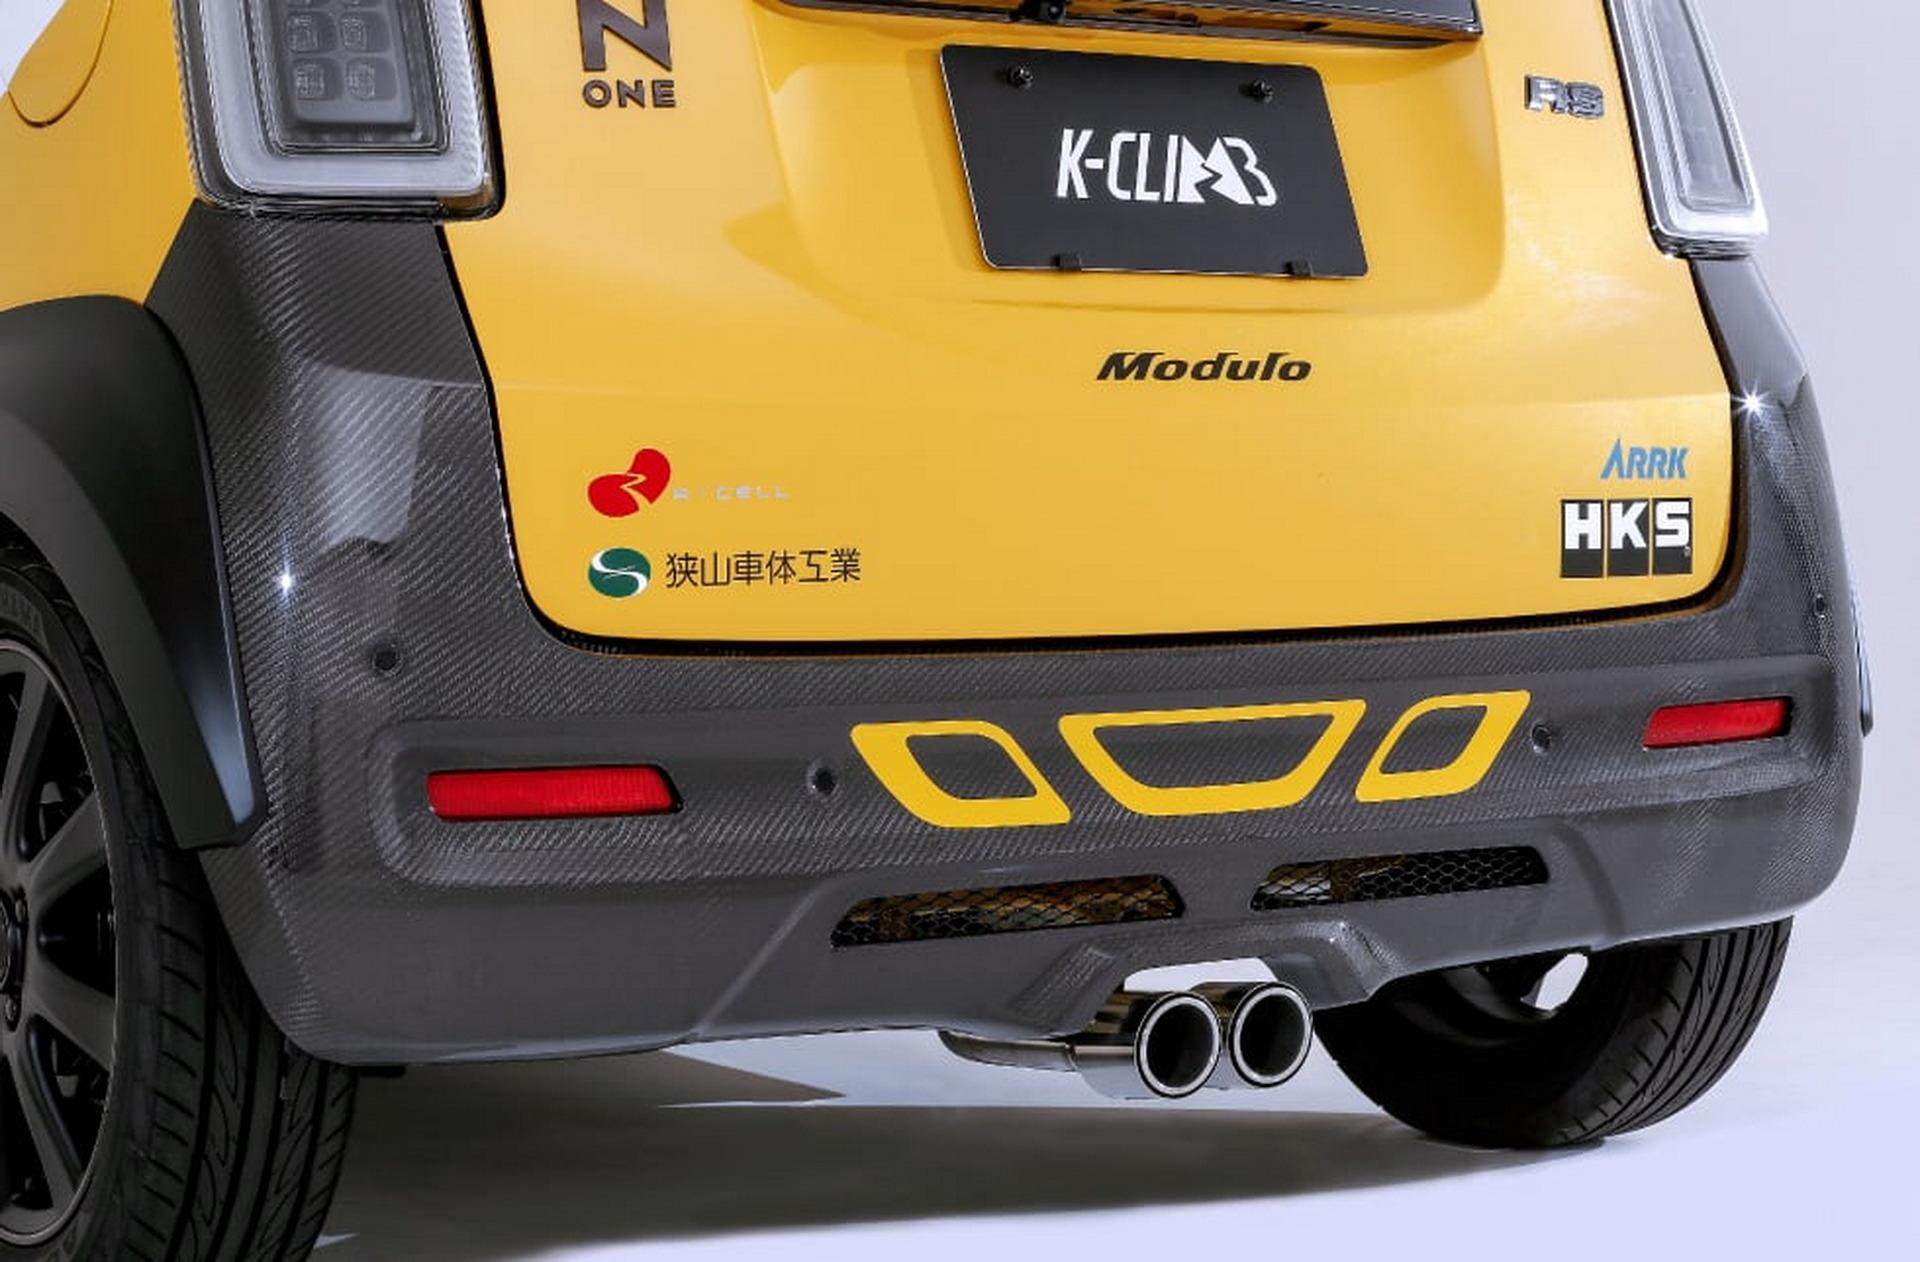 Honda-N-One-K-Climb-6